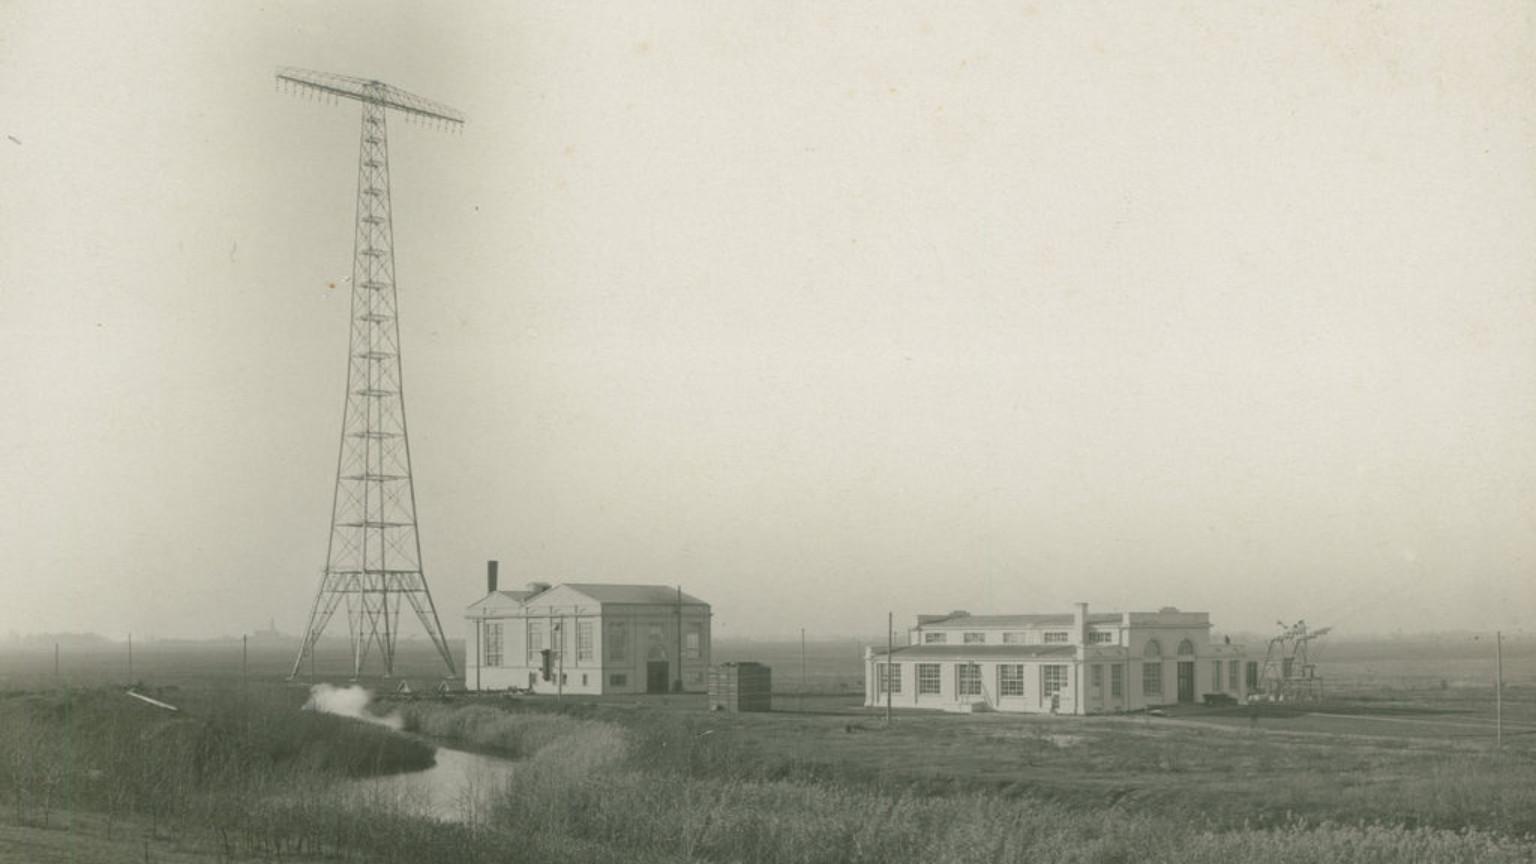 Zdjęcie dla kartki: Uruchomienie Transatlantyckiej Stacji Radiotelegraficznej